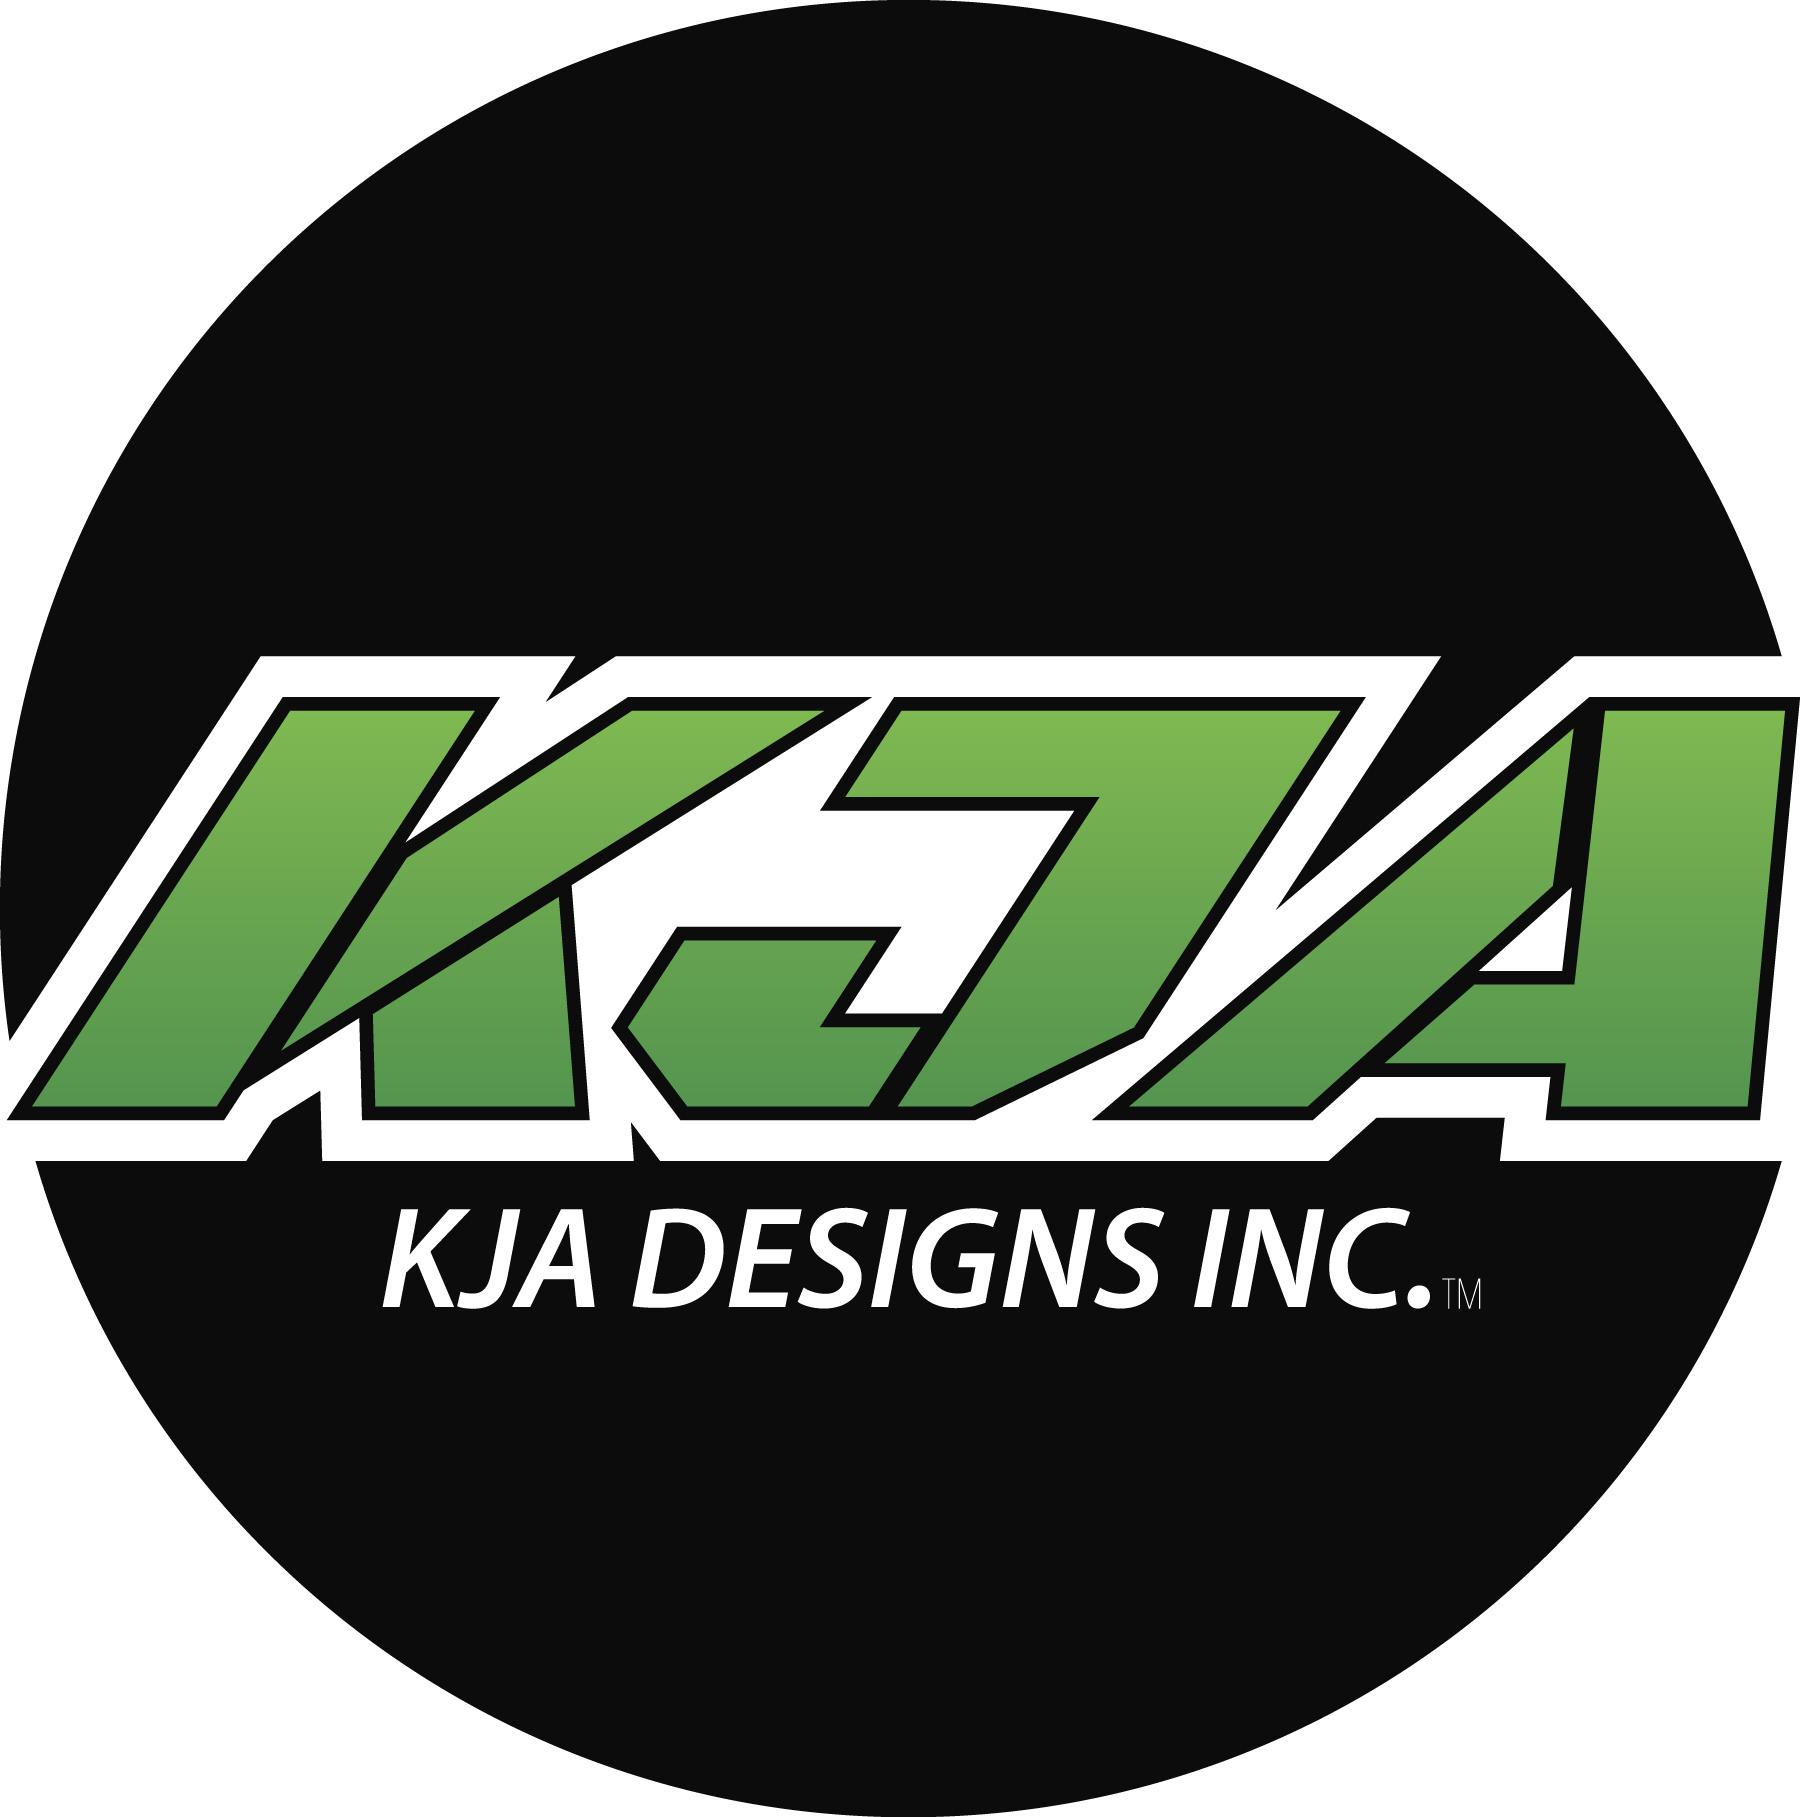 KJA Designs Inc.™ 2C on site